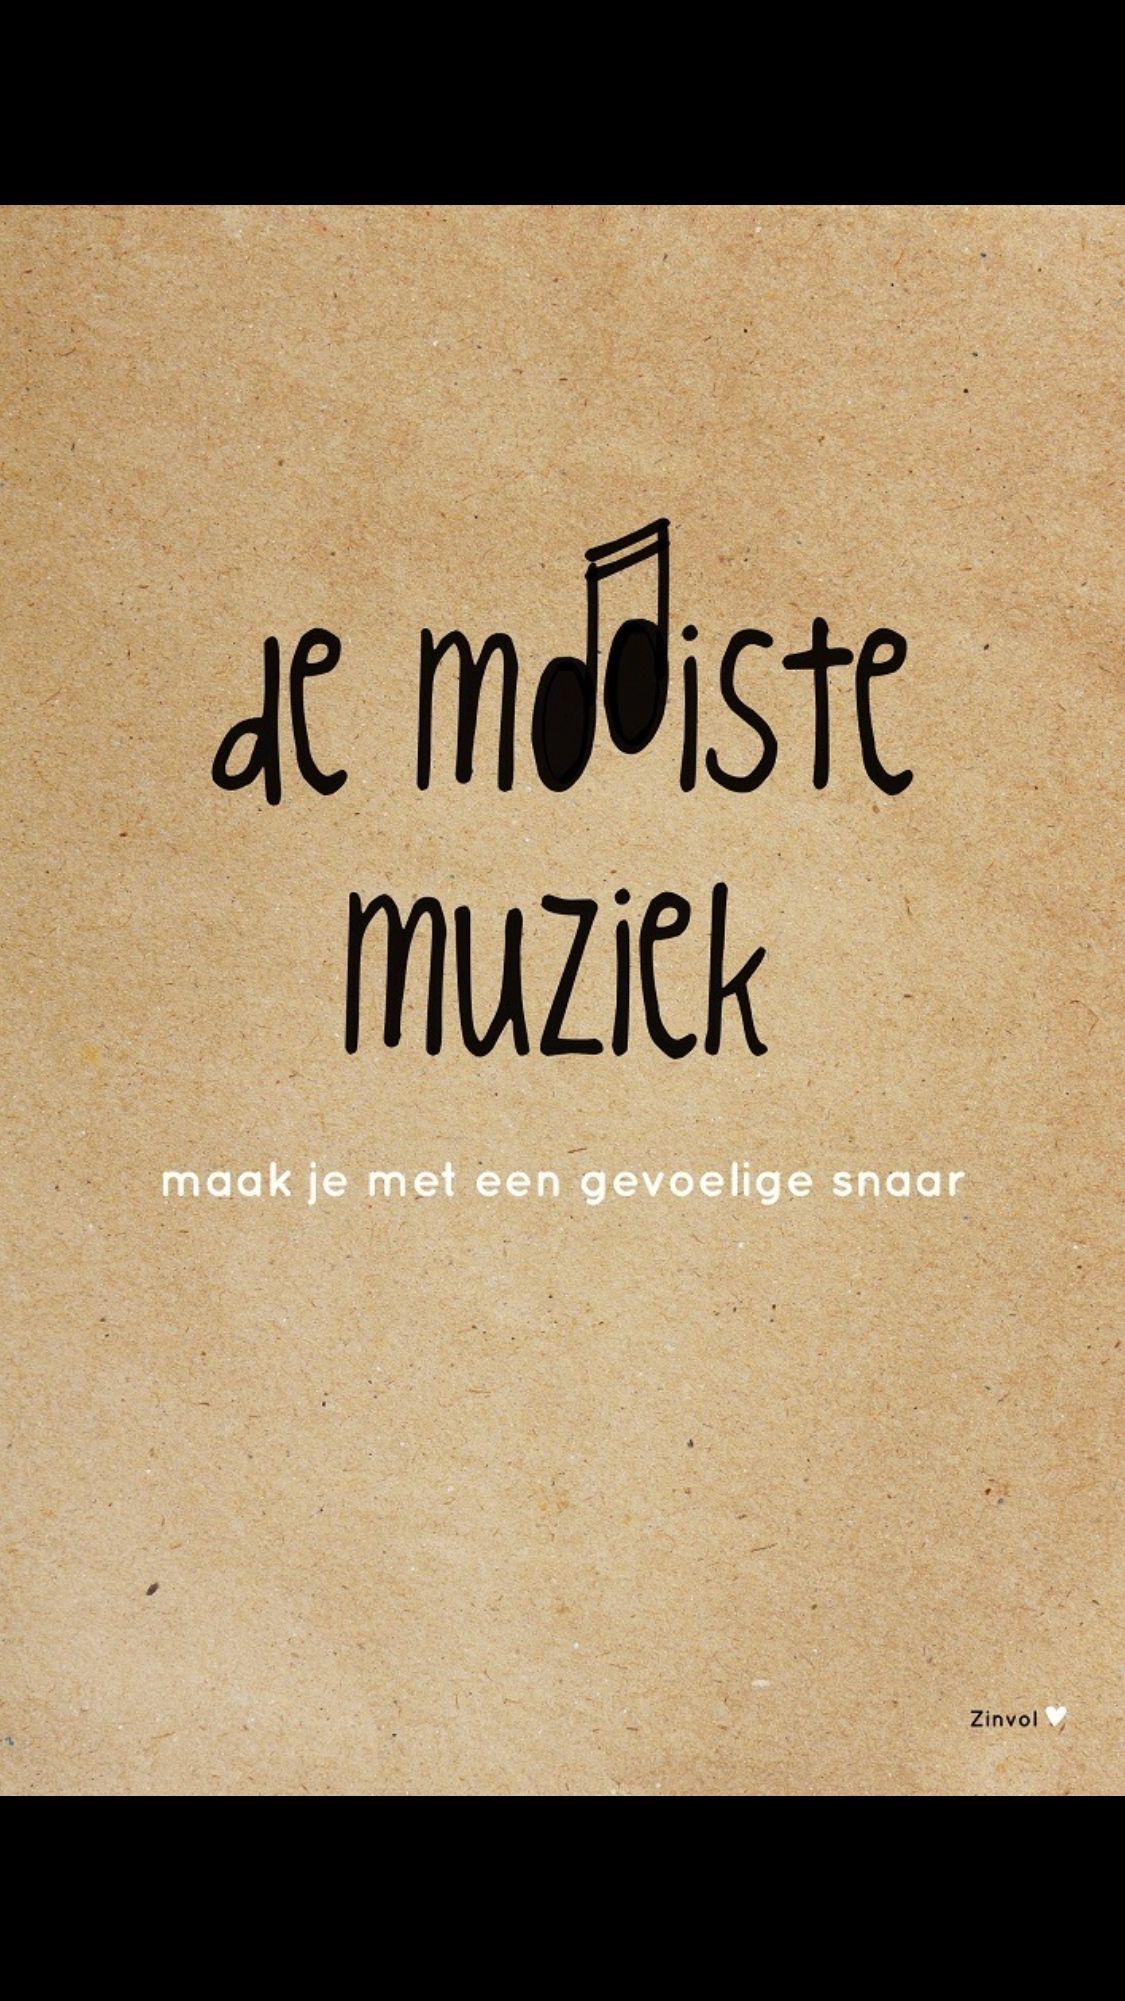 De mooiste muziek maak je met een gevoelige snaar ...